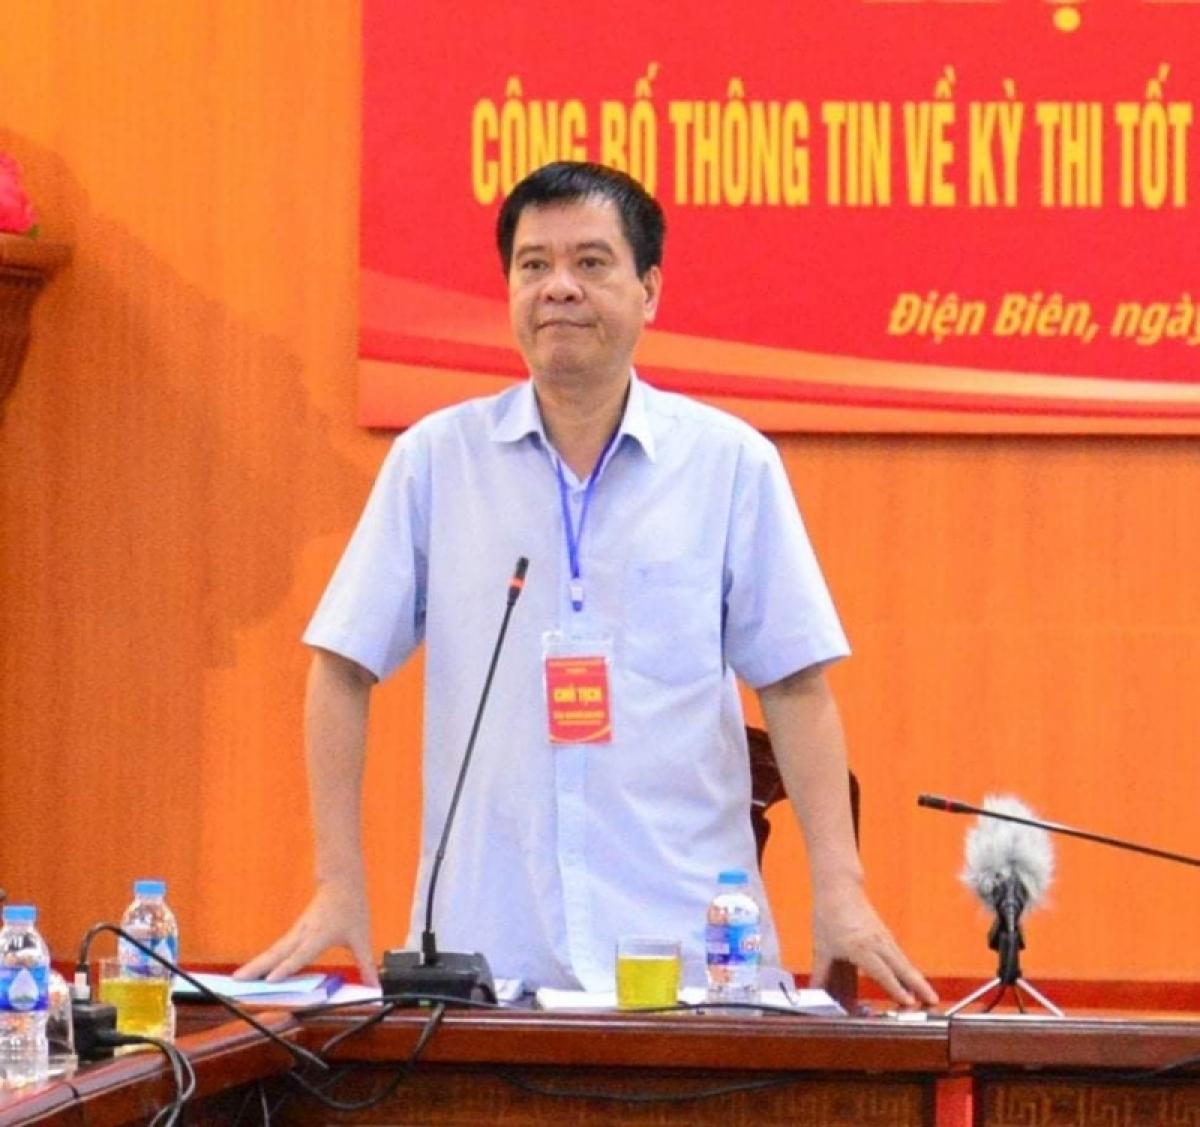 Bị can Nguyễn Văn Kiên